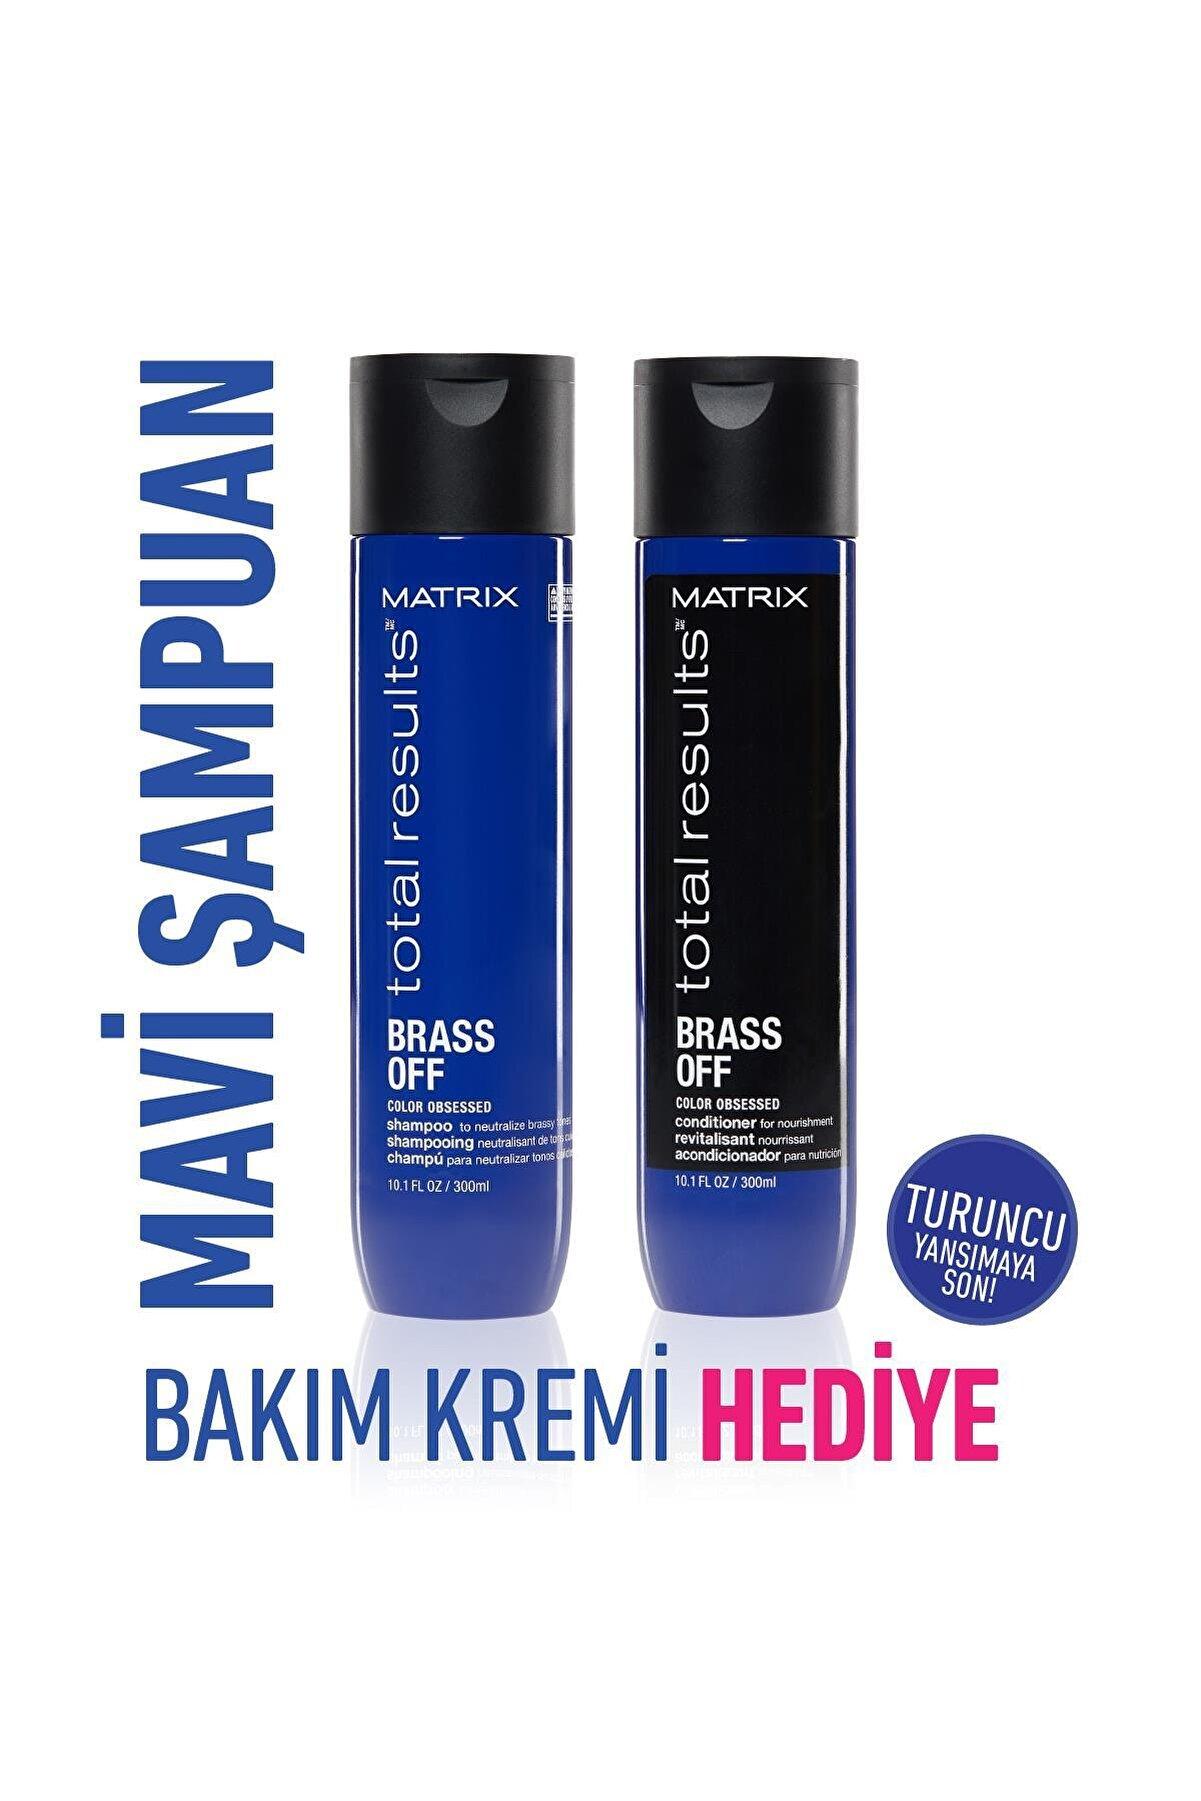 Matrix Brass Off Mavi Şampuan 300ml + Saç Bakım Kremi 300ml Bakım Seti